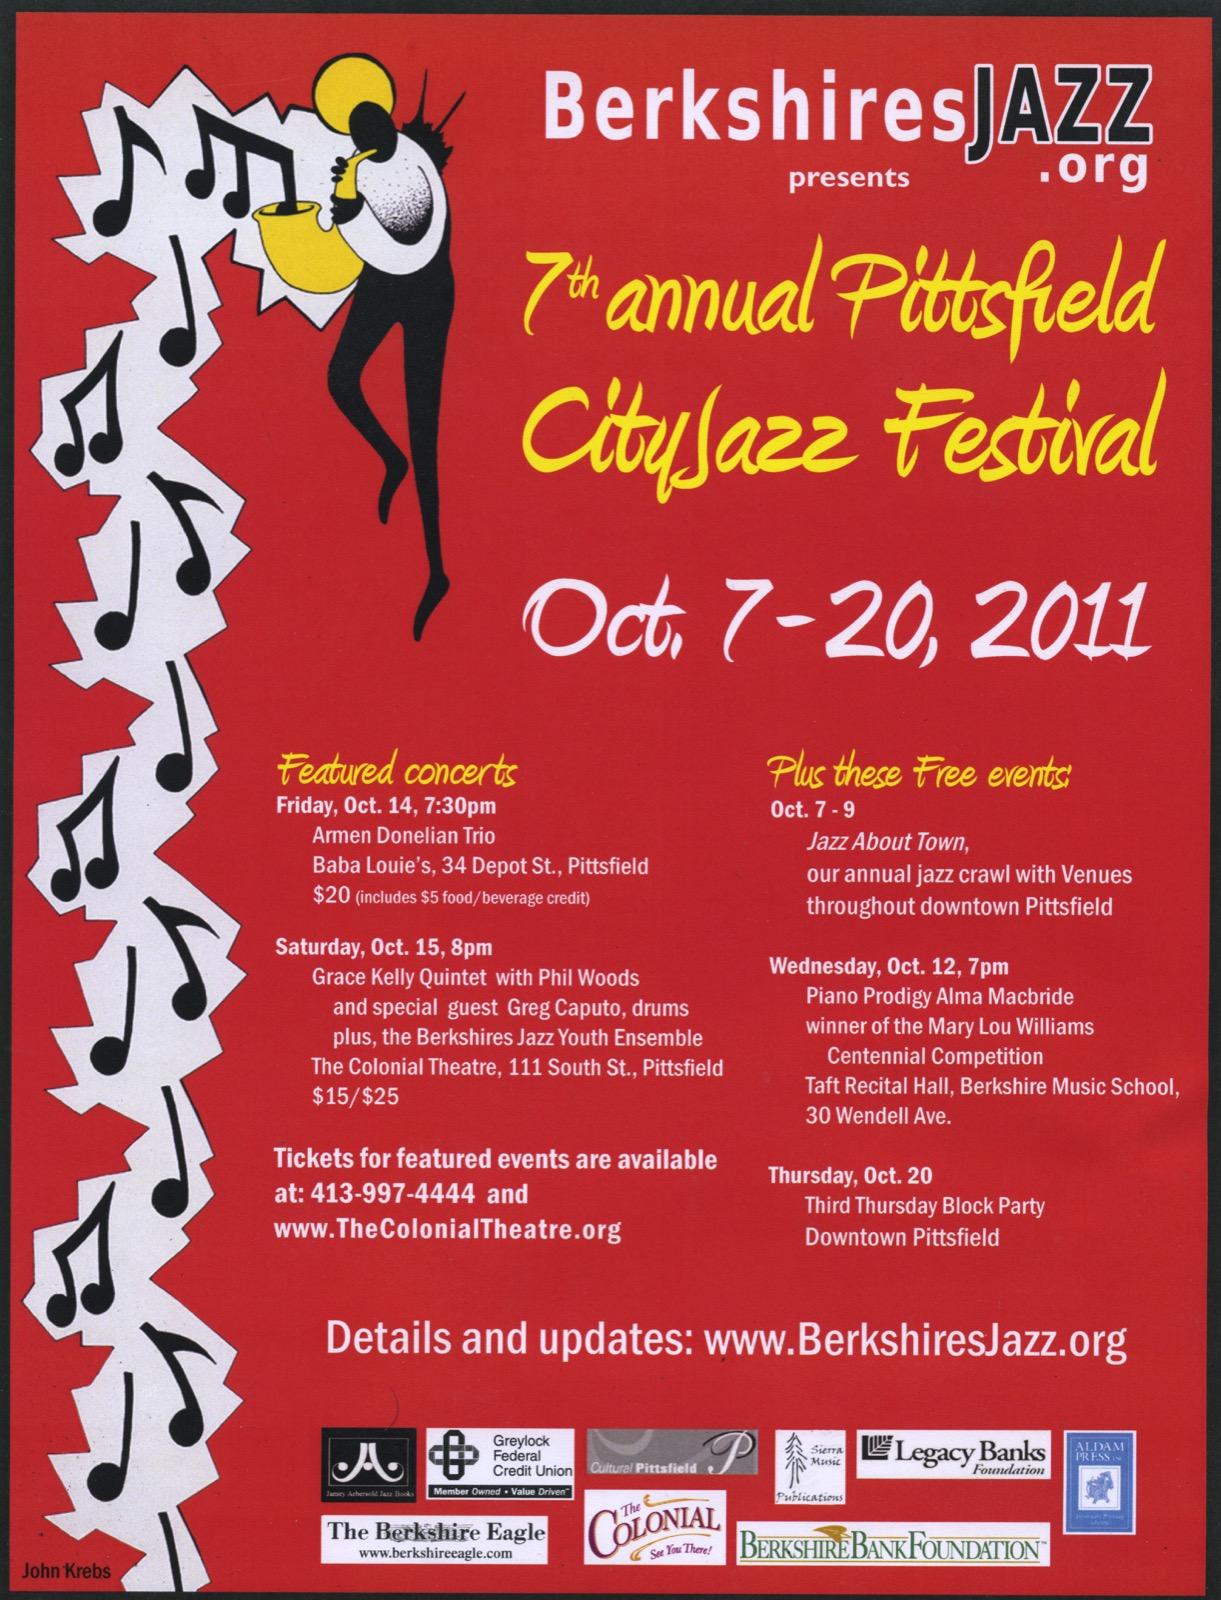 7thAnnaluPittsfieldFestOct7-20,2011.jpg